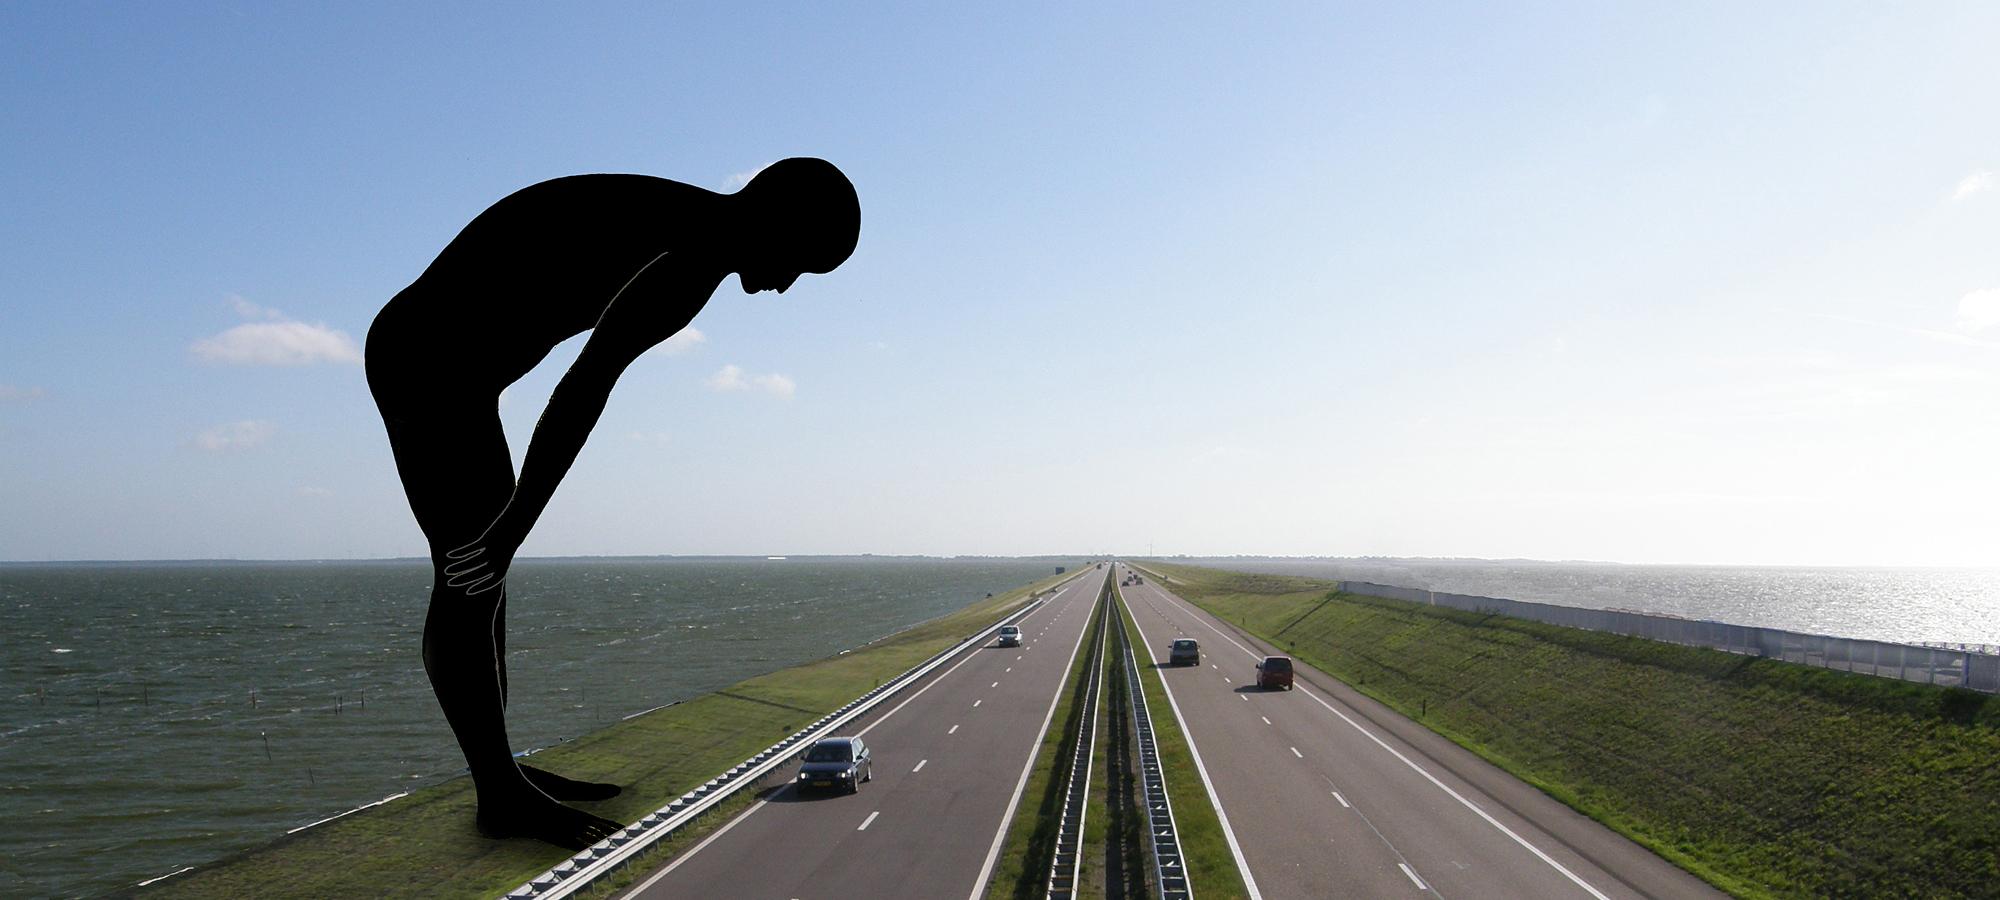 Public Art sculpture-Netherlands-BlokLugthart